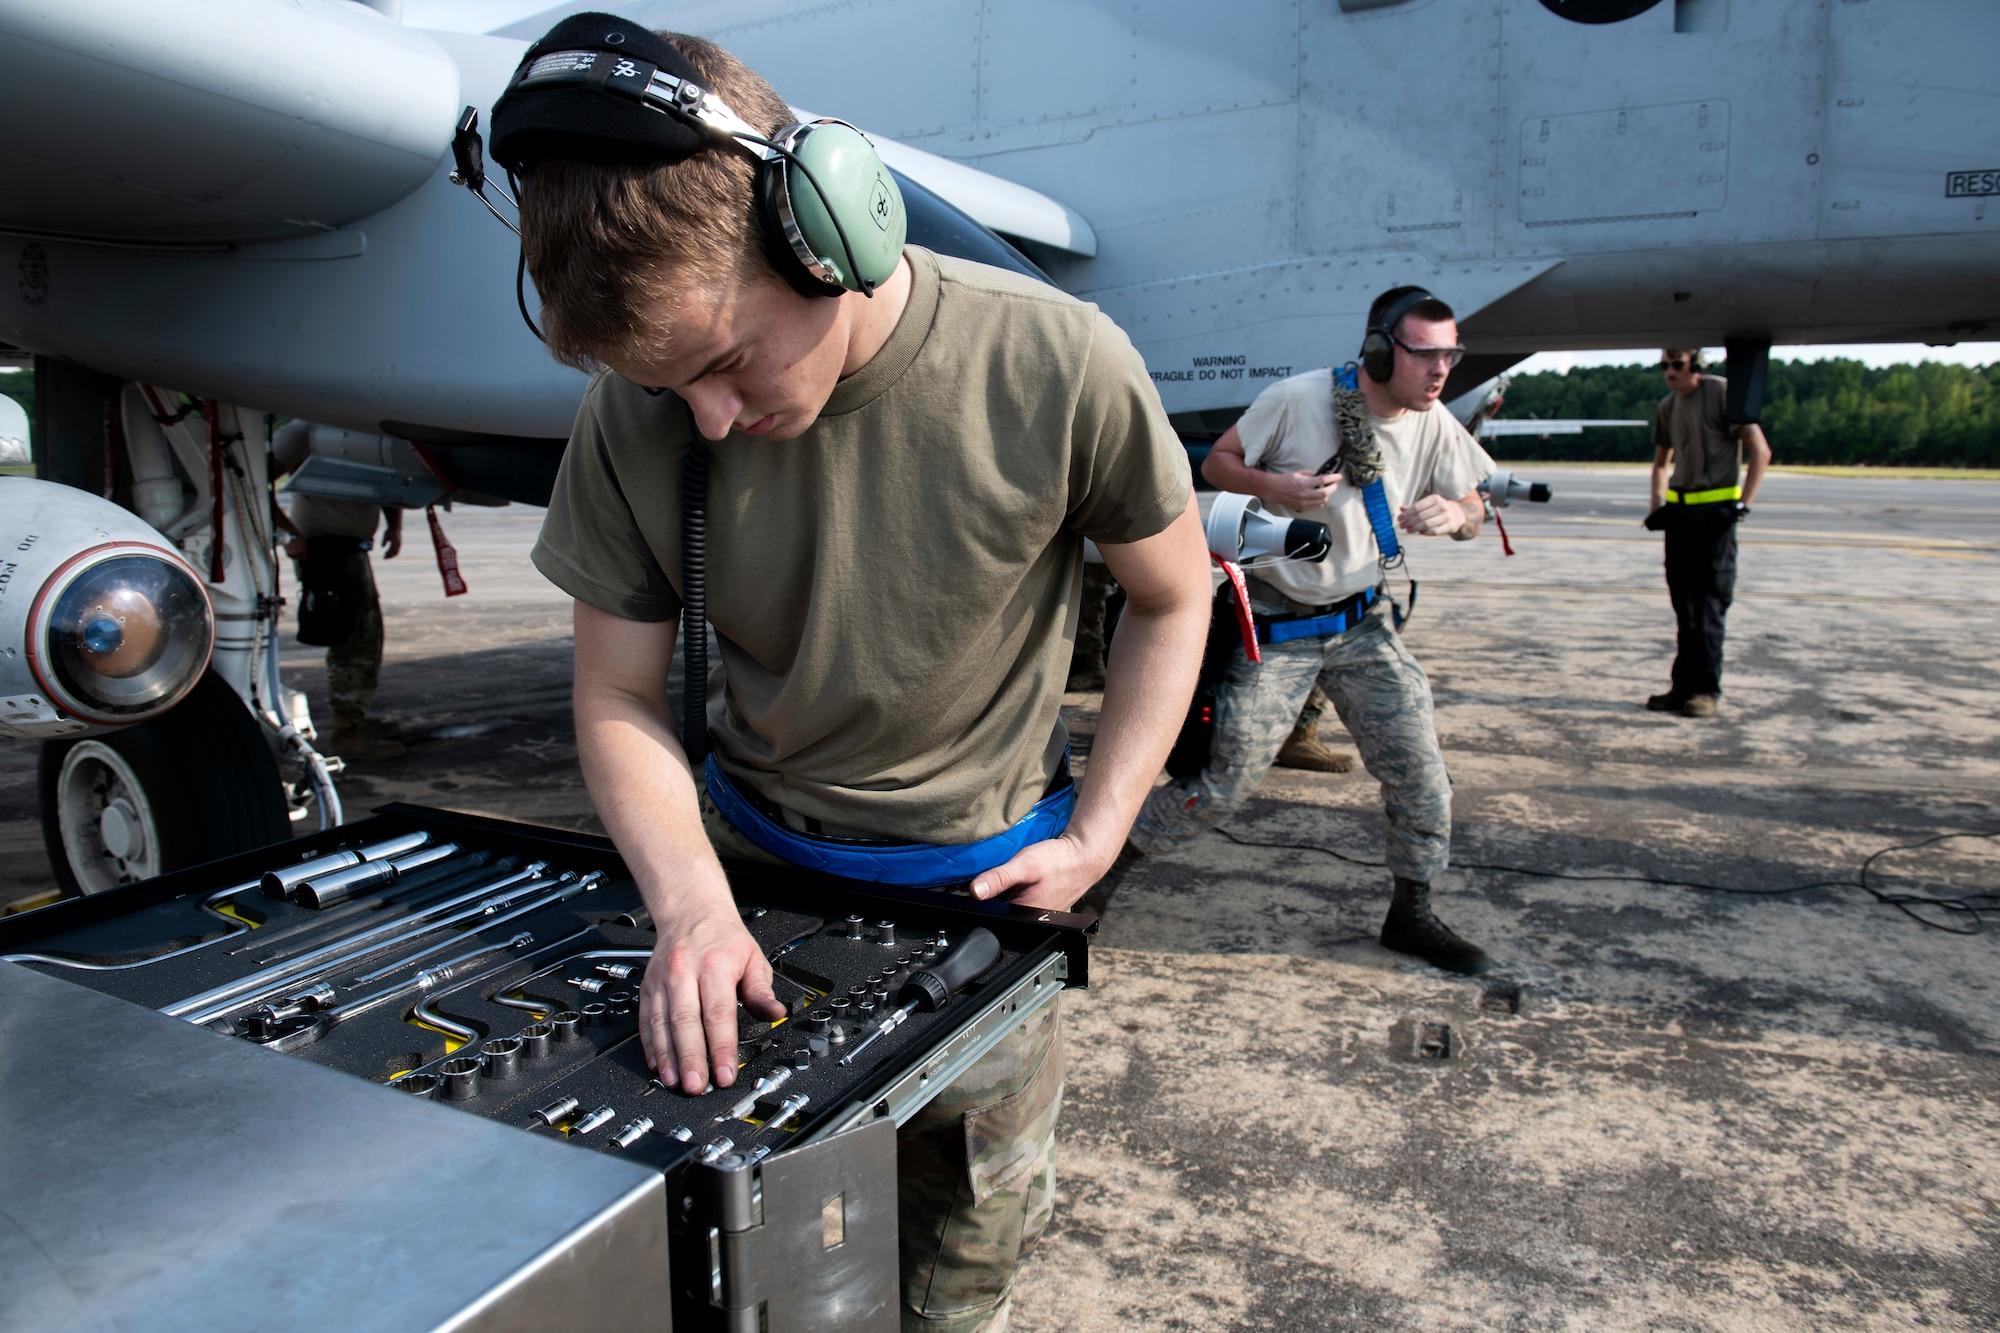 An Airman examines his tools